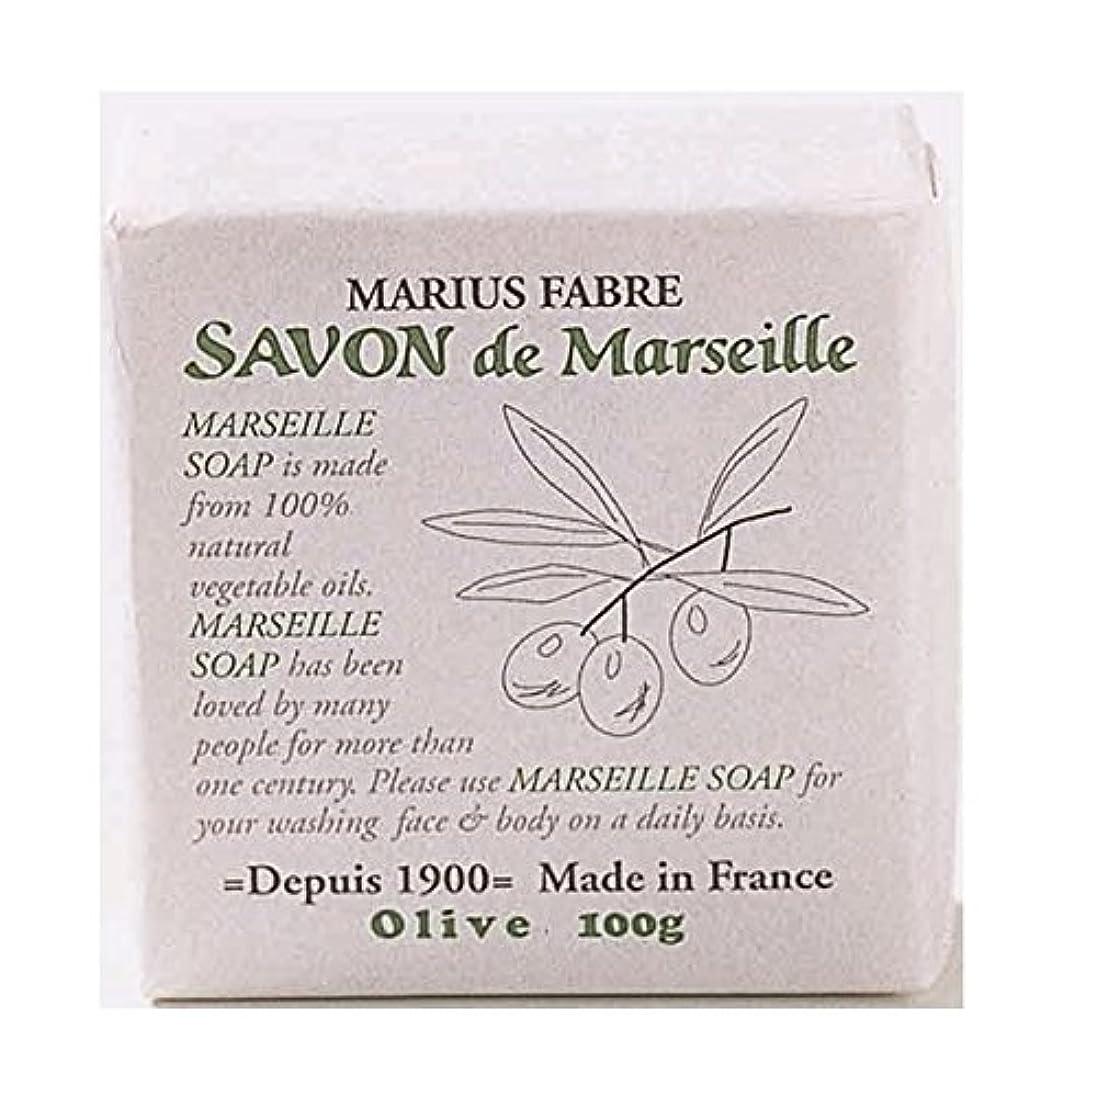 刺します生き物神話サボンドマルセイユ 無香料 オリーブ石鹸 100g 6個セット マリウスファーブル